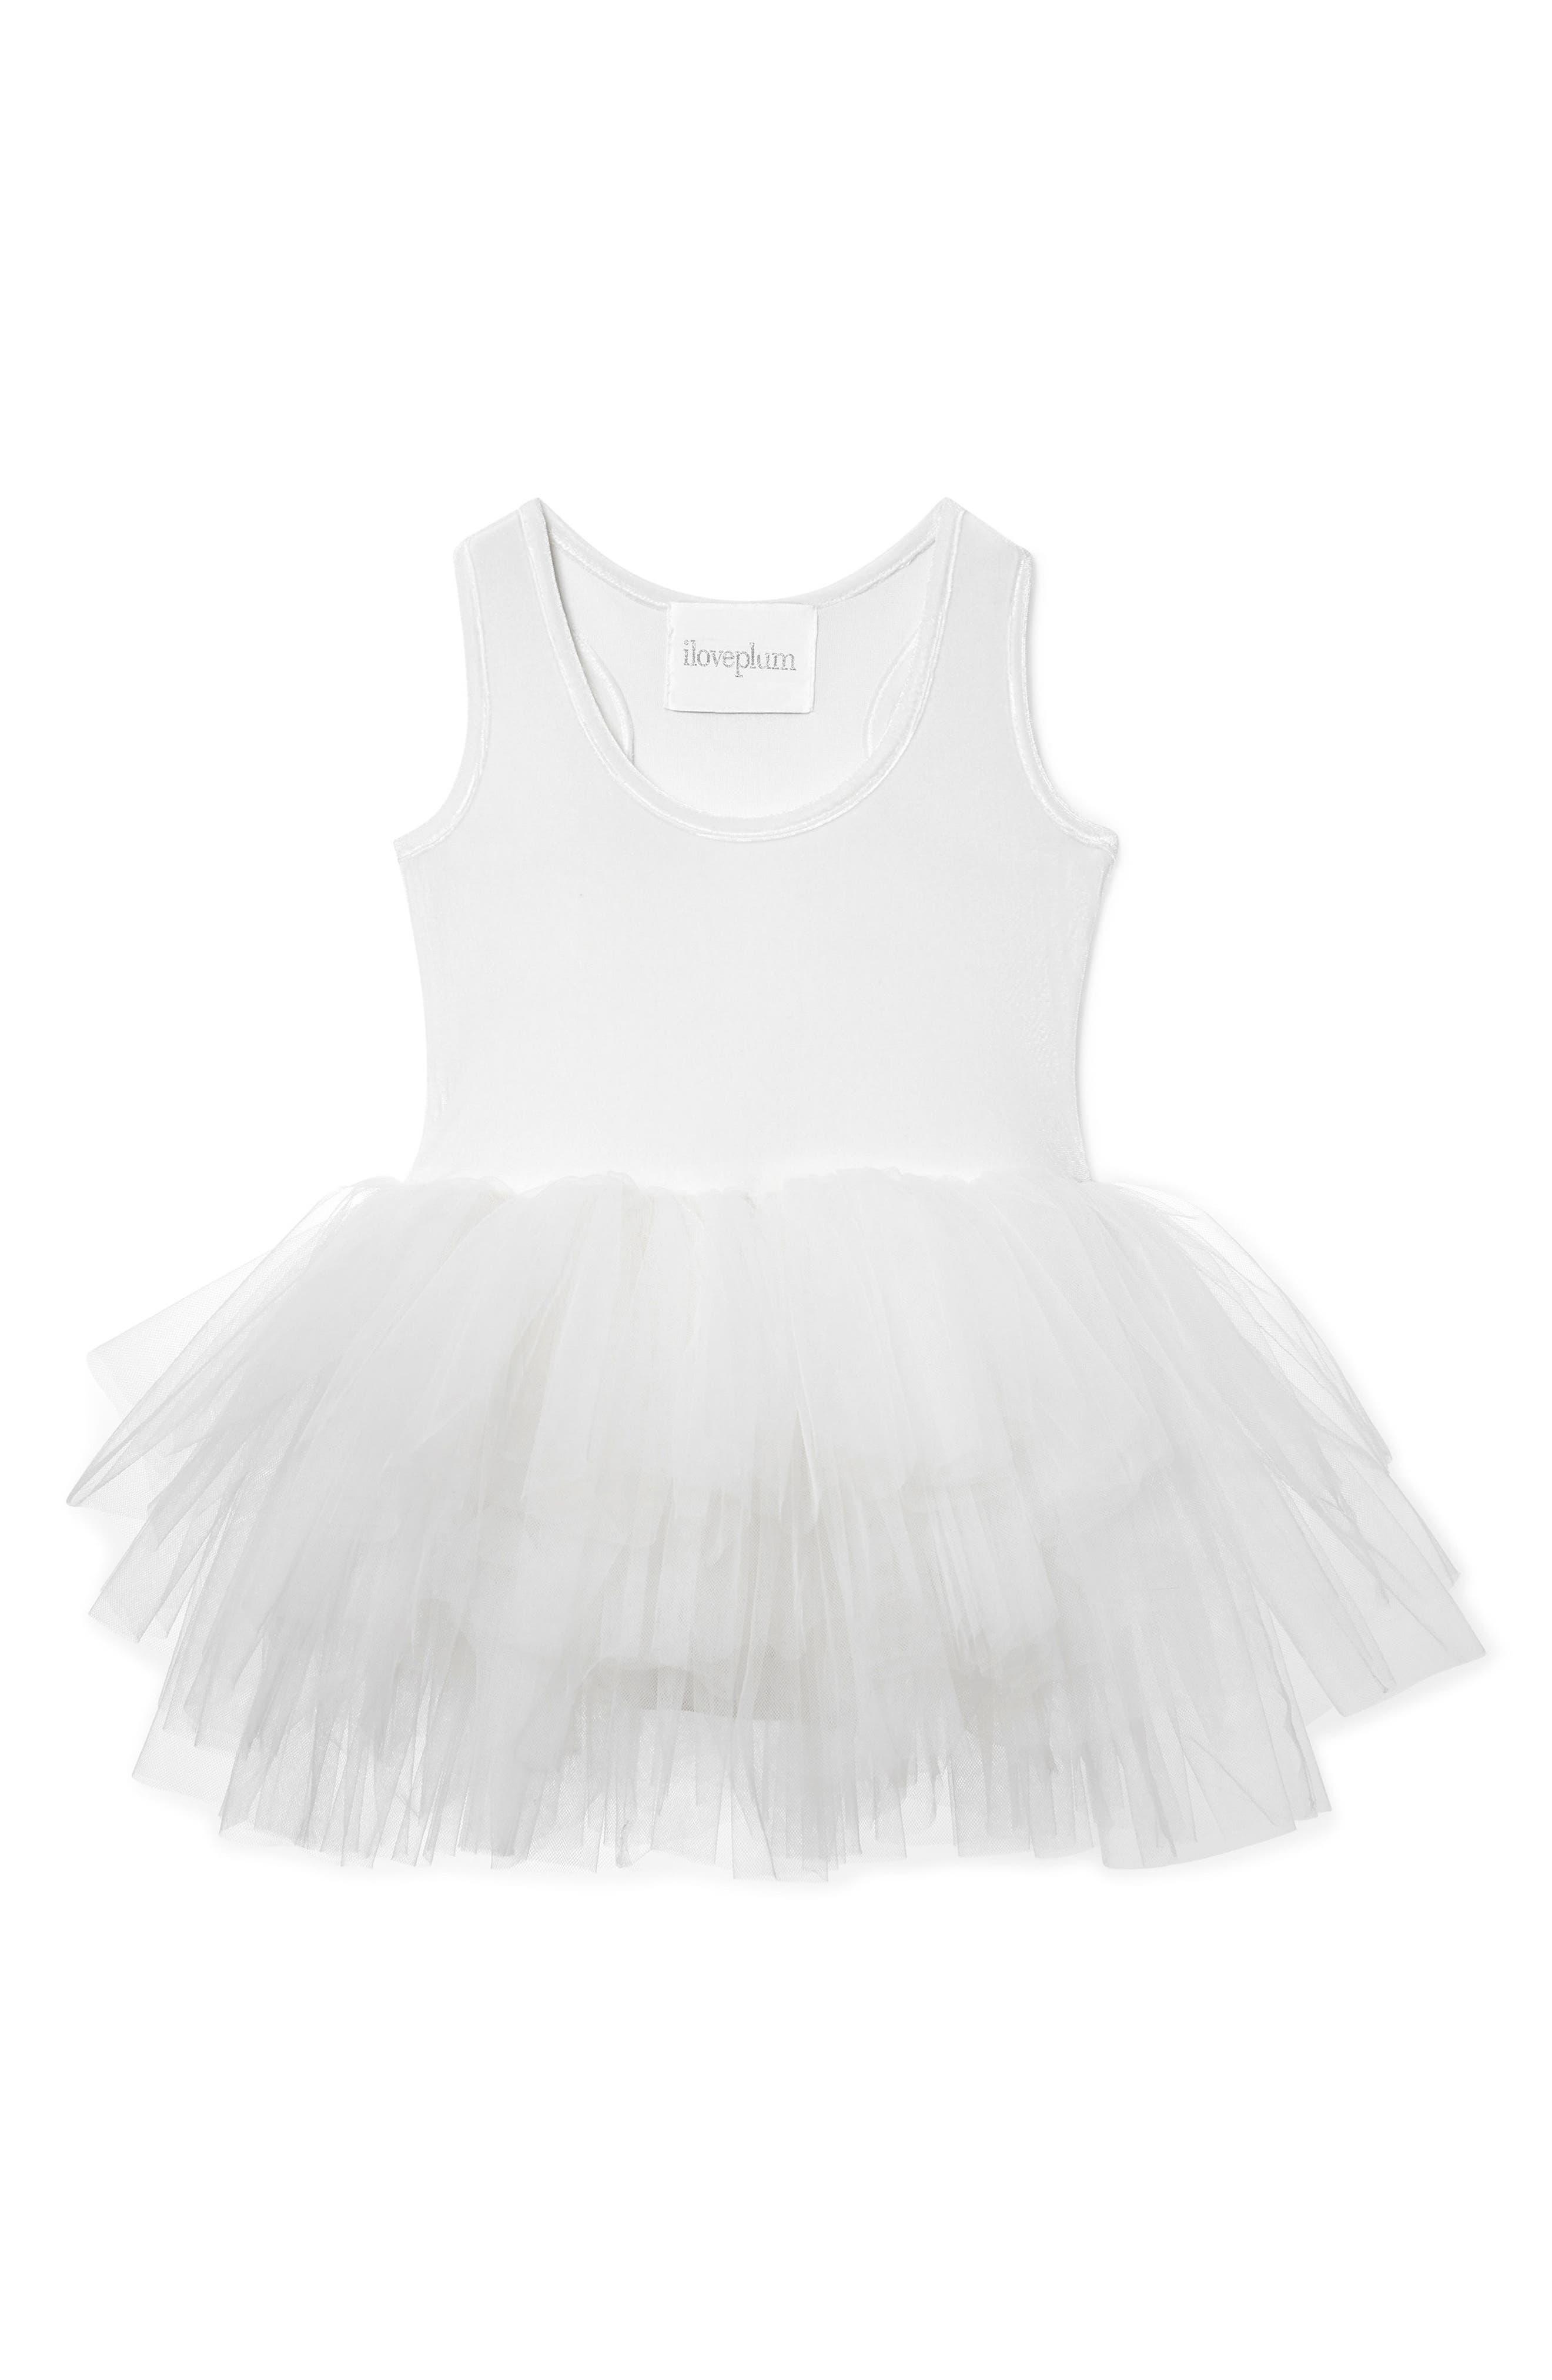 Main Image - iloveplum Tutu Dress (Toddler Girls, Little Girls & Big Girls)